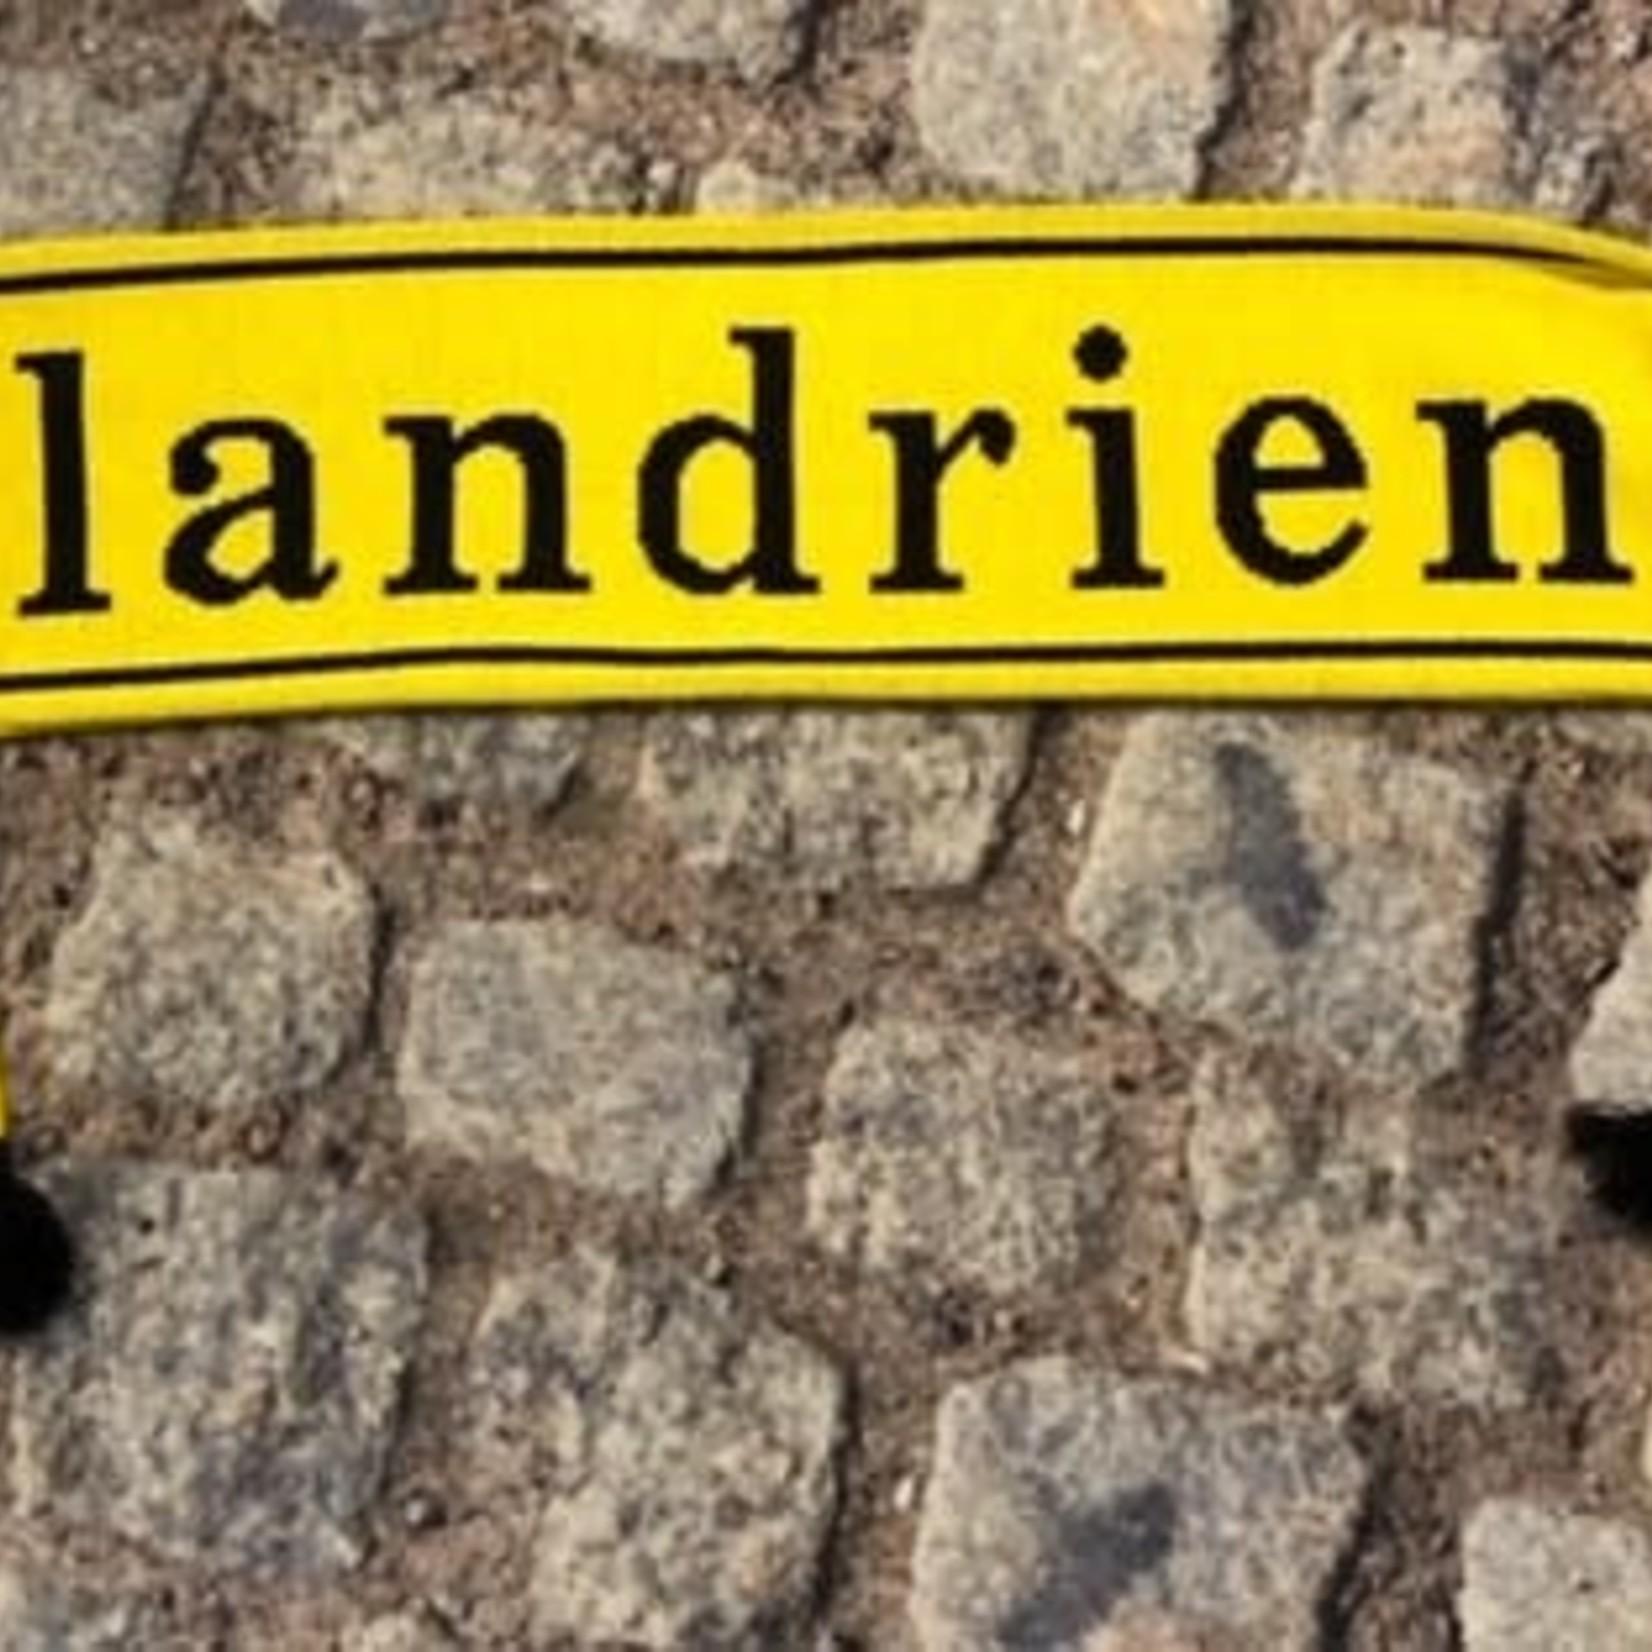 Scarf Flandriens Niet te temmen (untamable)